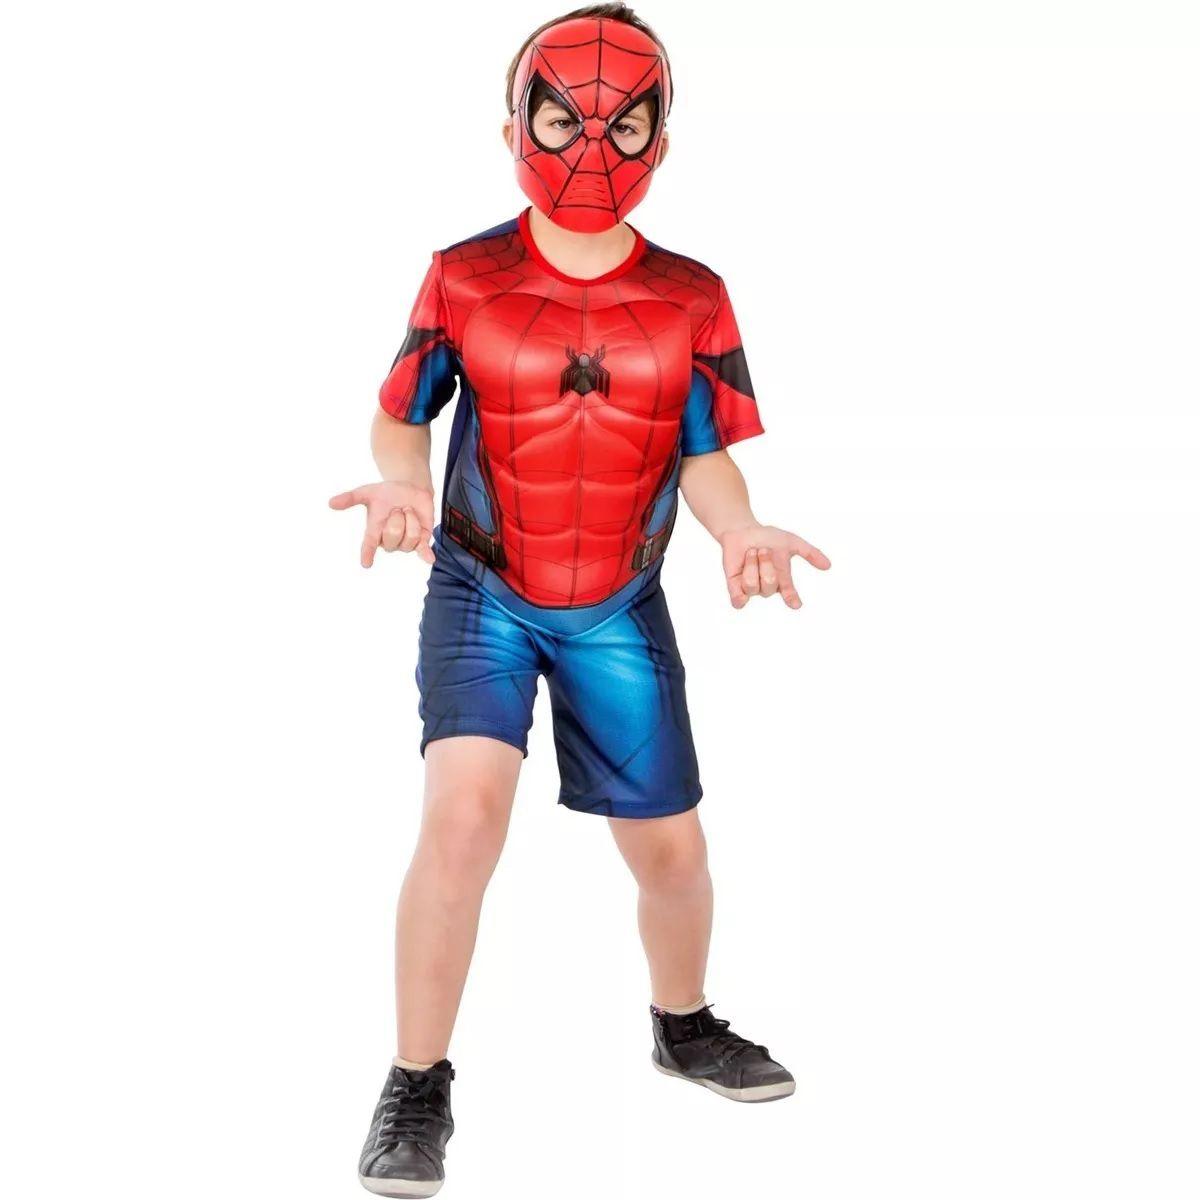 Fantasia Curta Infantil Marvel Homem Aranha De Volta ao Lar com Peitoral e Máscara M - Global Fantasias